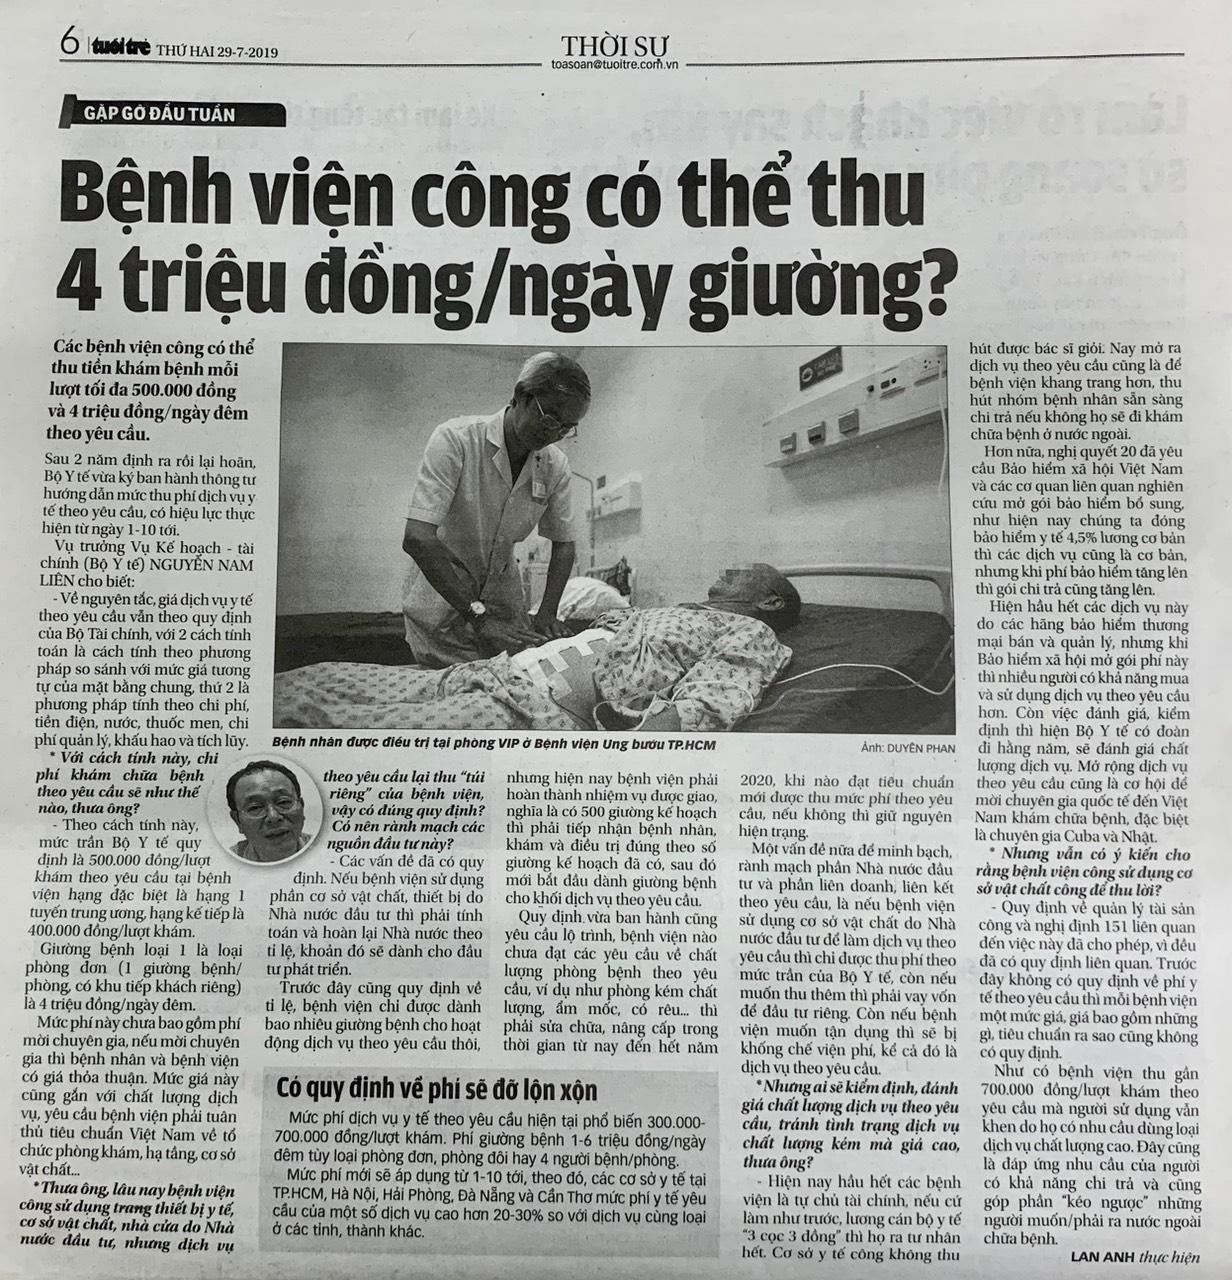 Giá giường nằm dịch vụ ở bệnh viện công có thể 4 triệu đồng một ngày